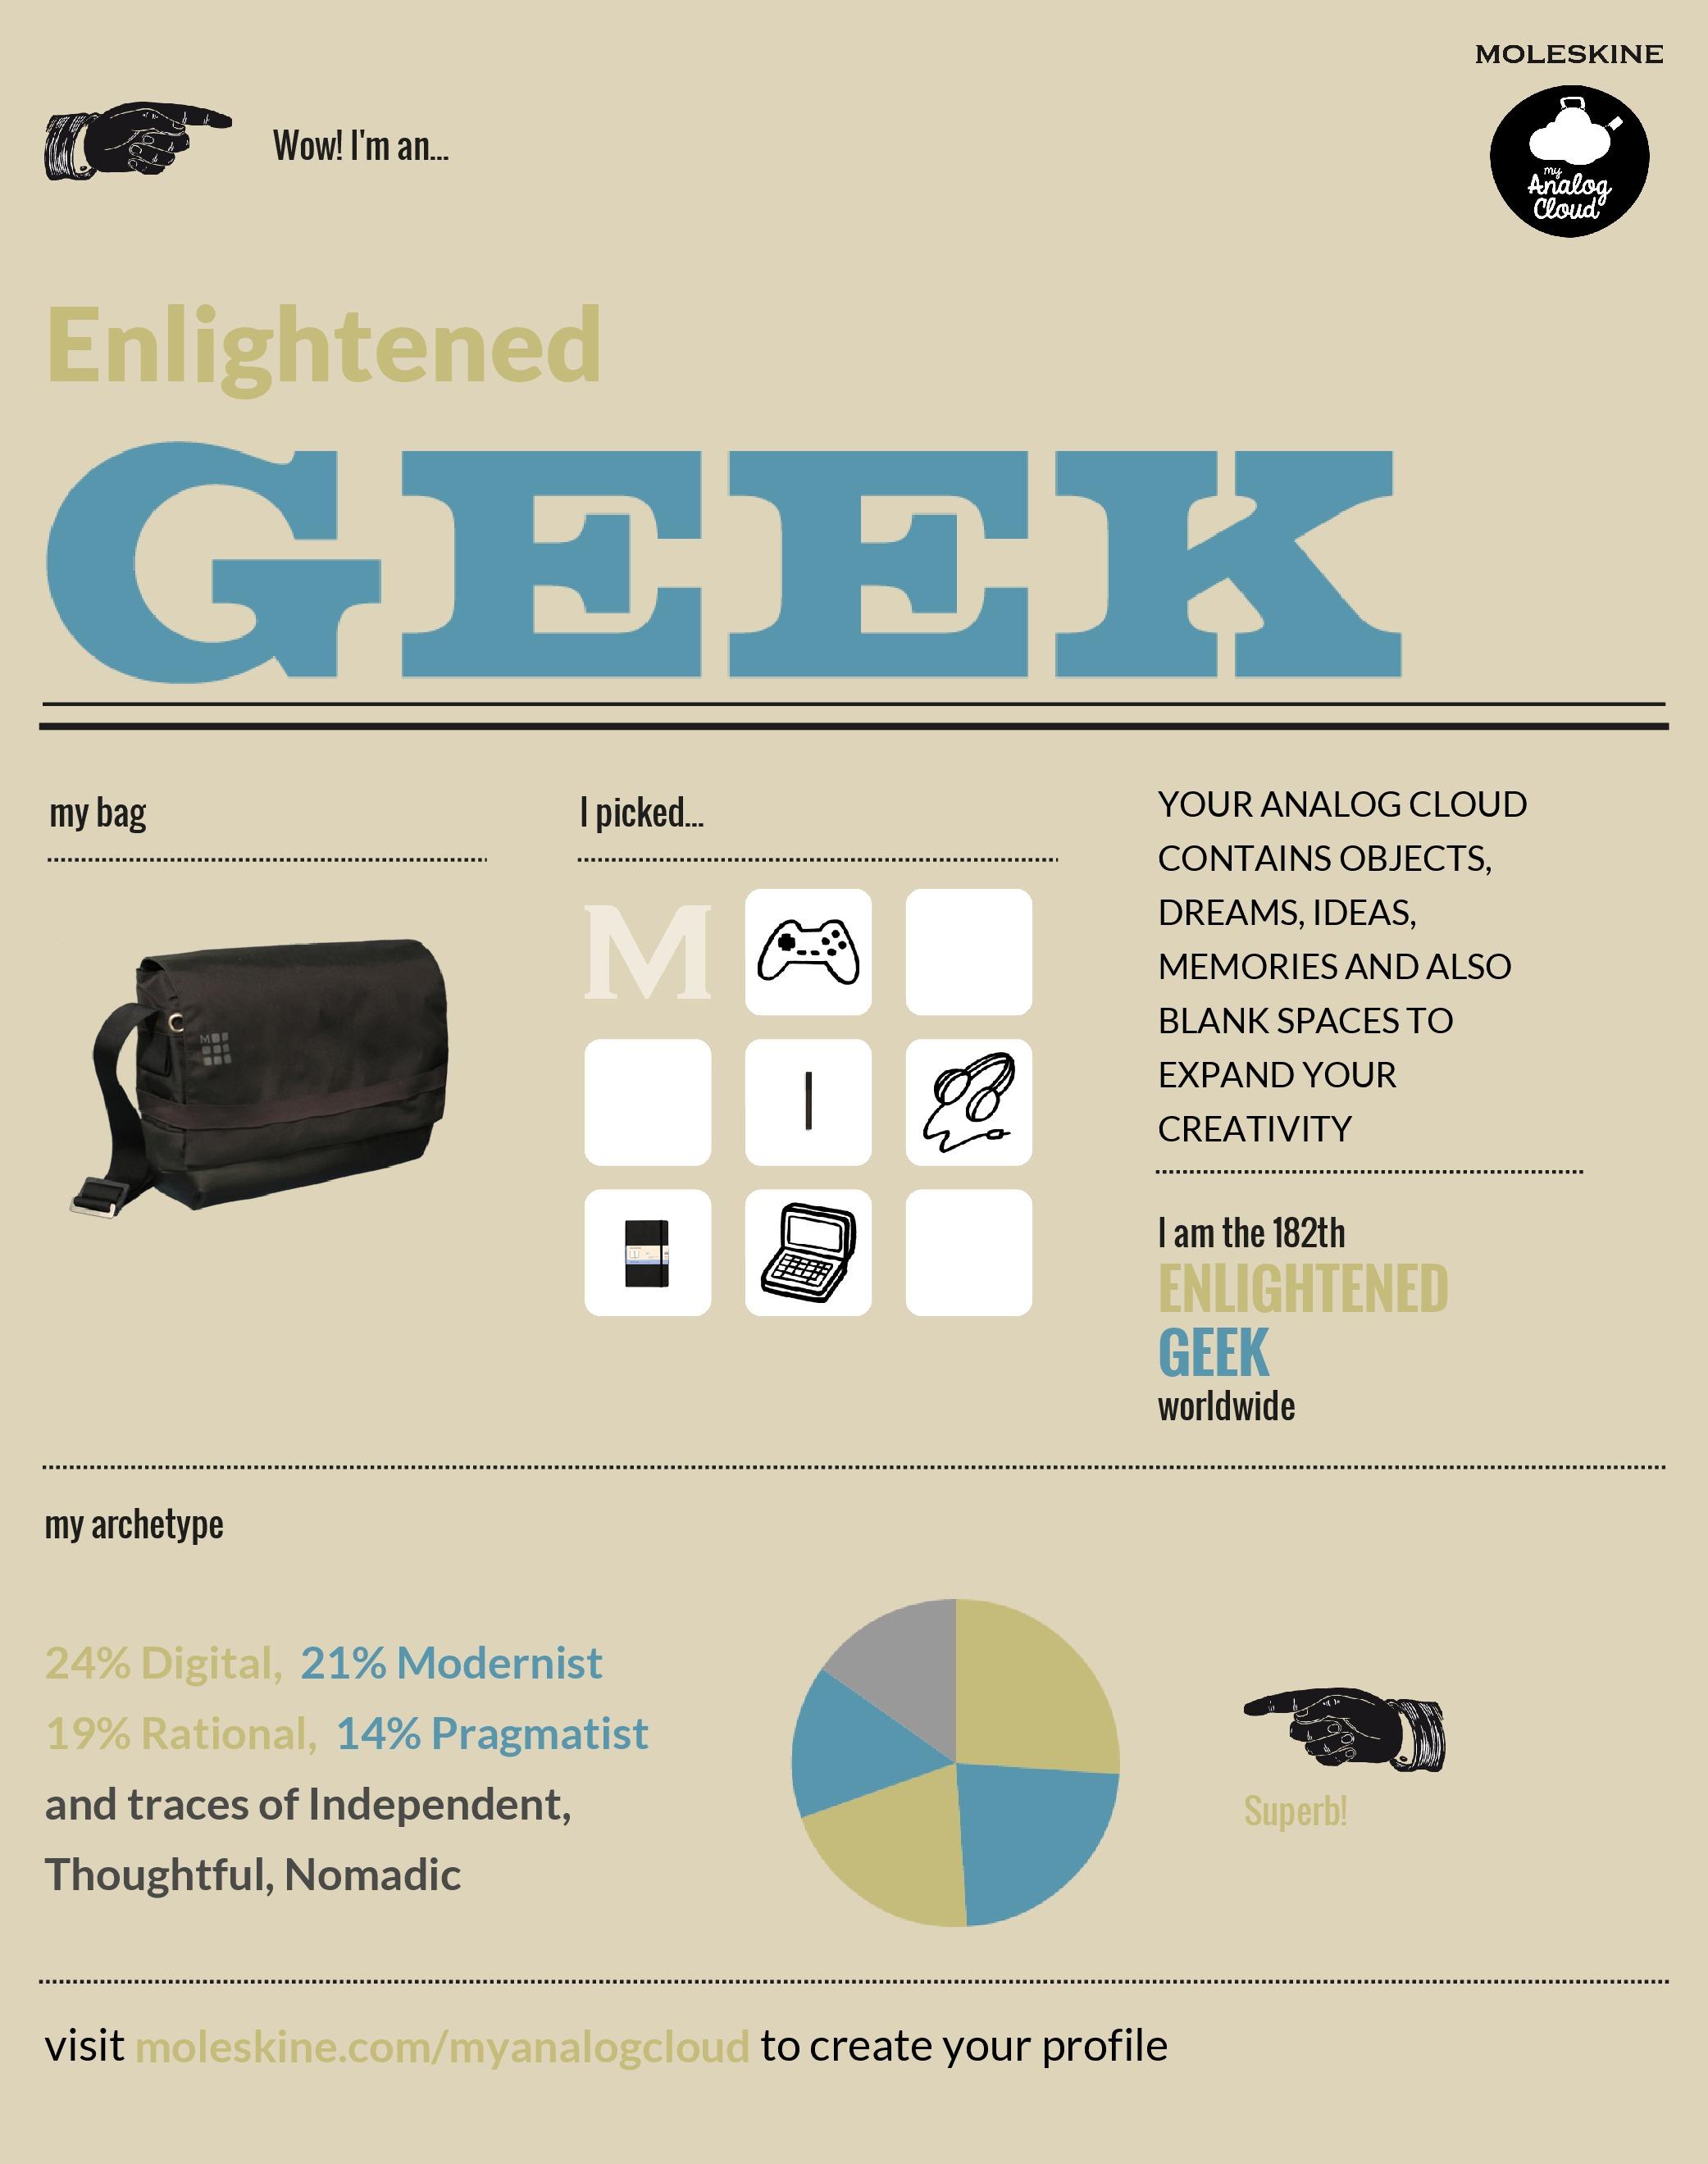 Enlightened Geek